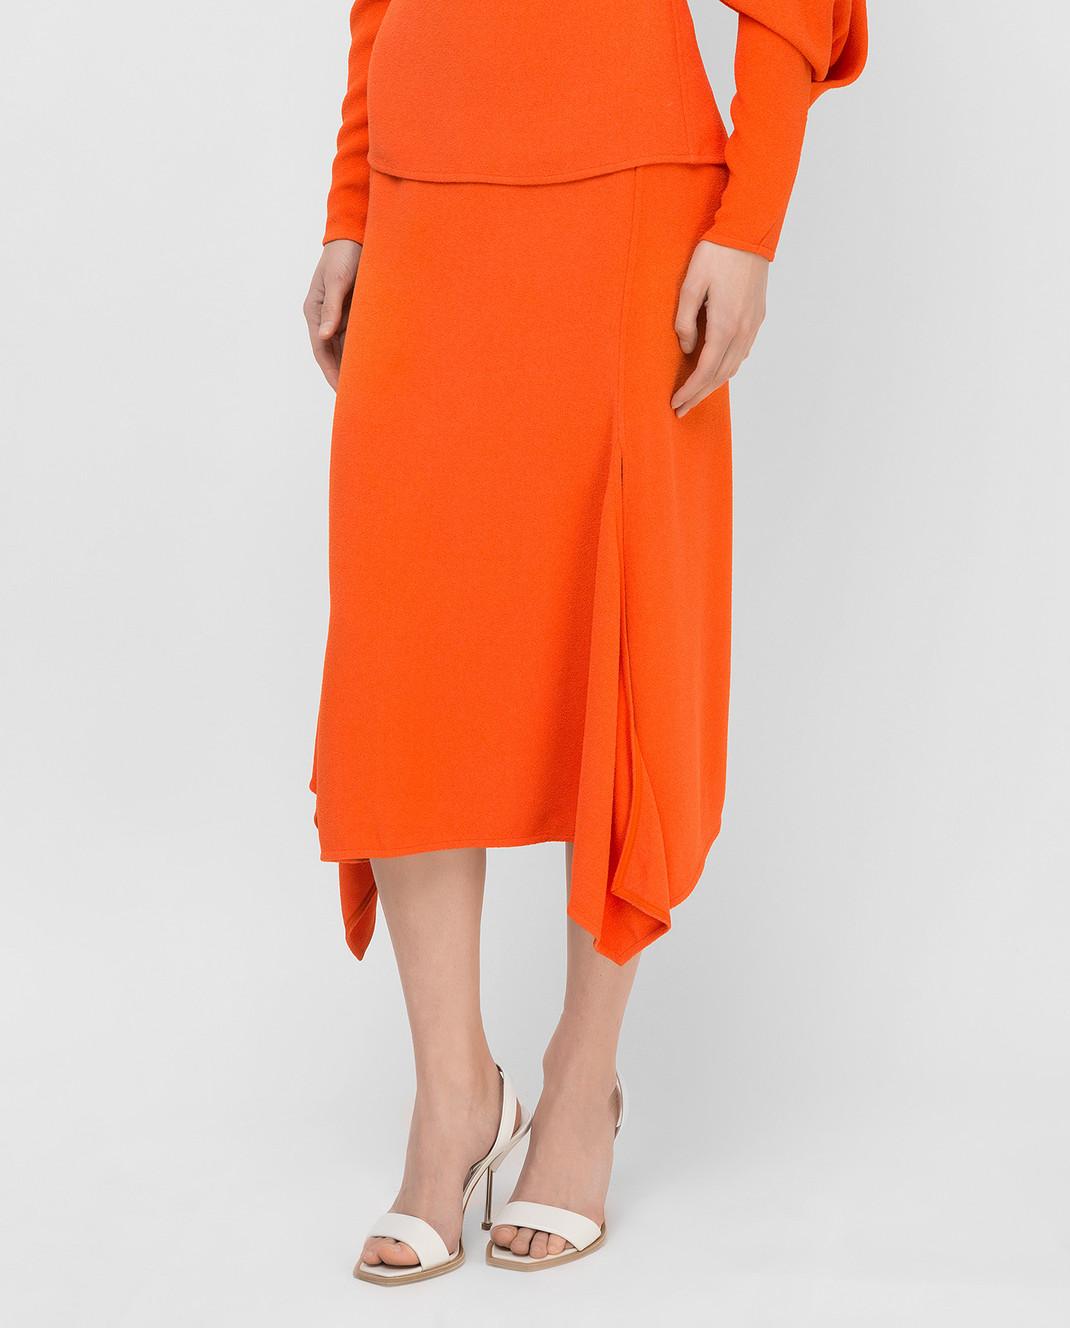 Victoria Beckham Оранжевая юбка SKMID3315 изображение 3